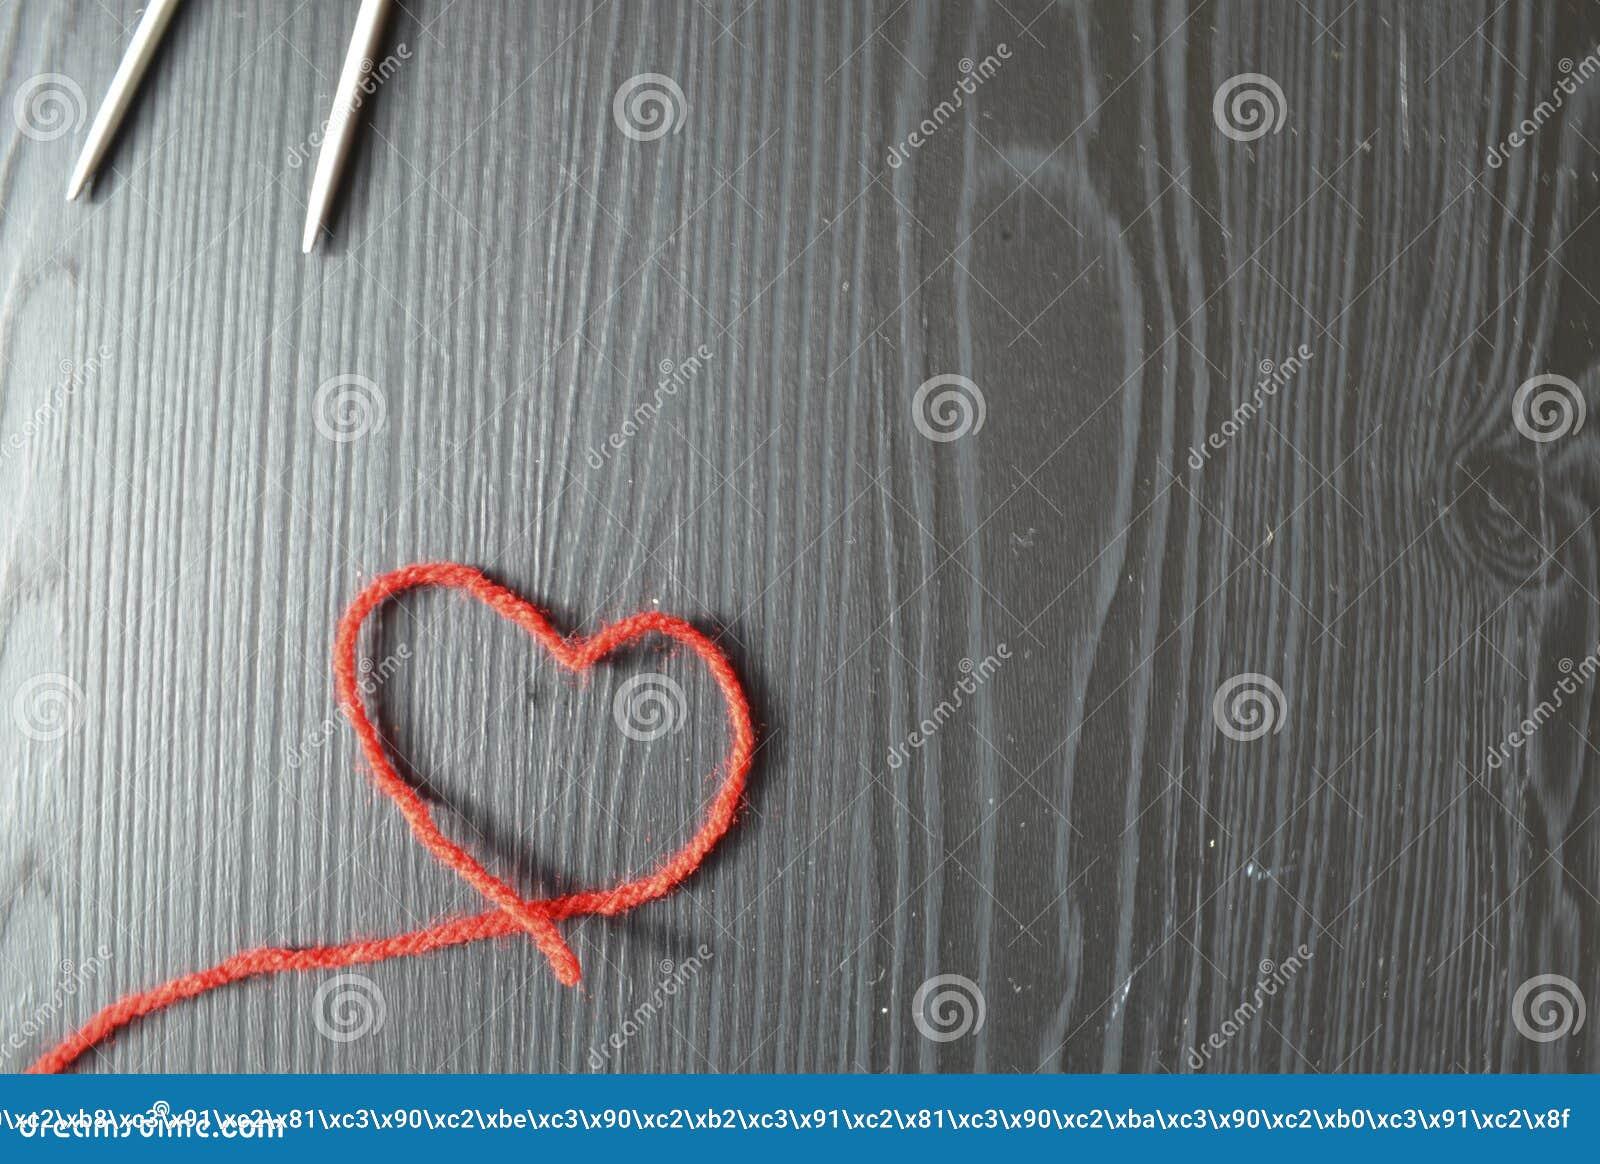 Knitting Rode draad op houten achtergrond Breinaalden